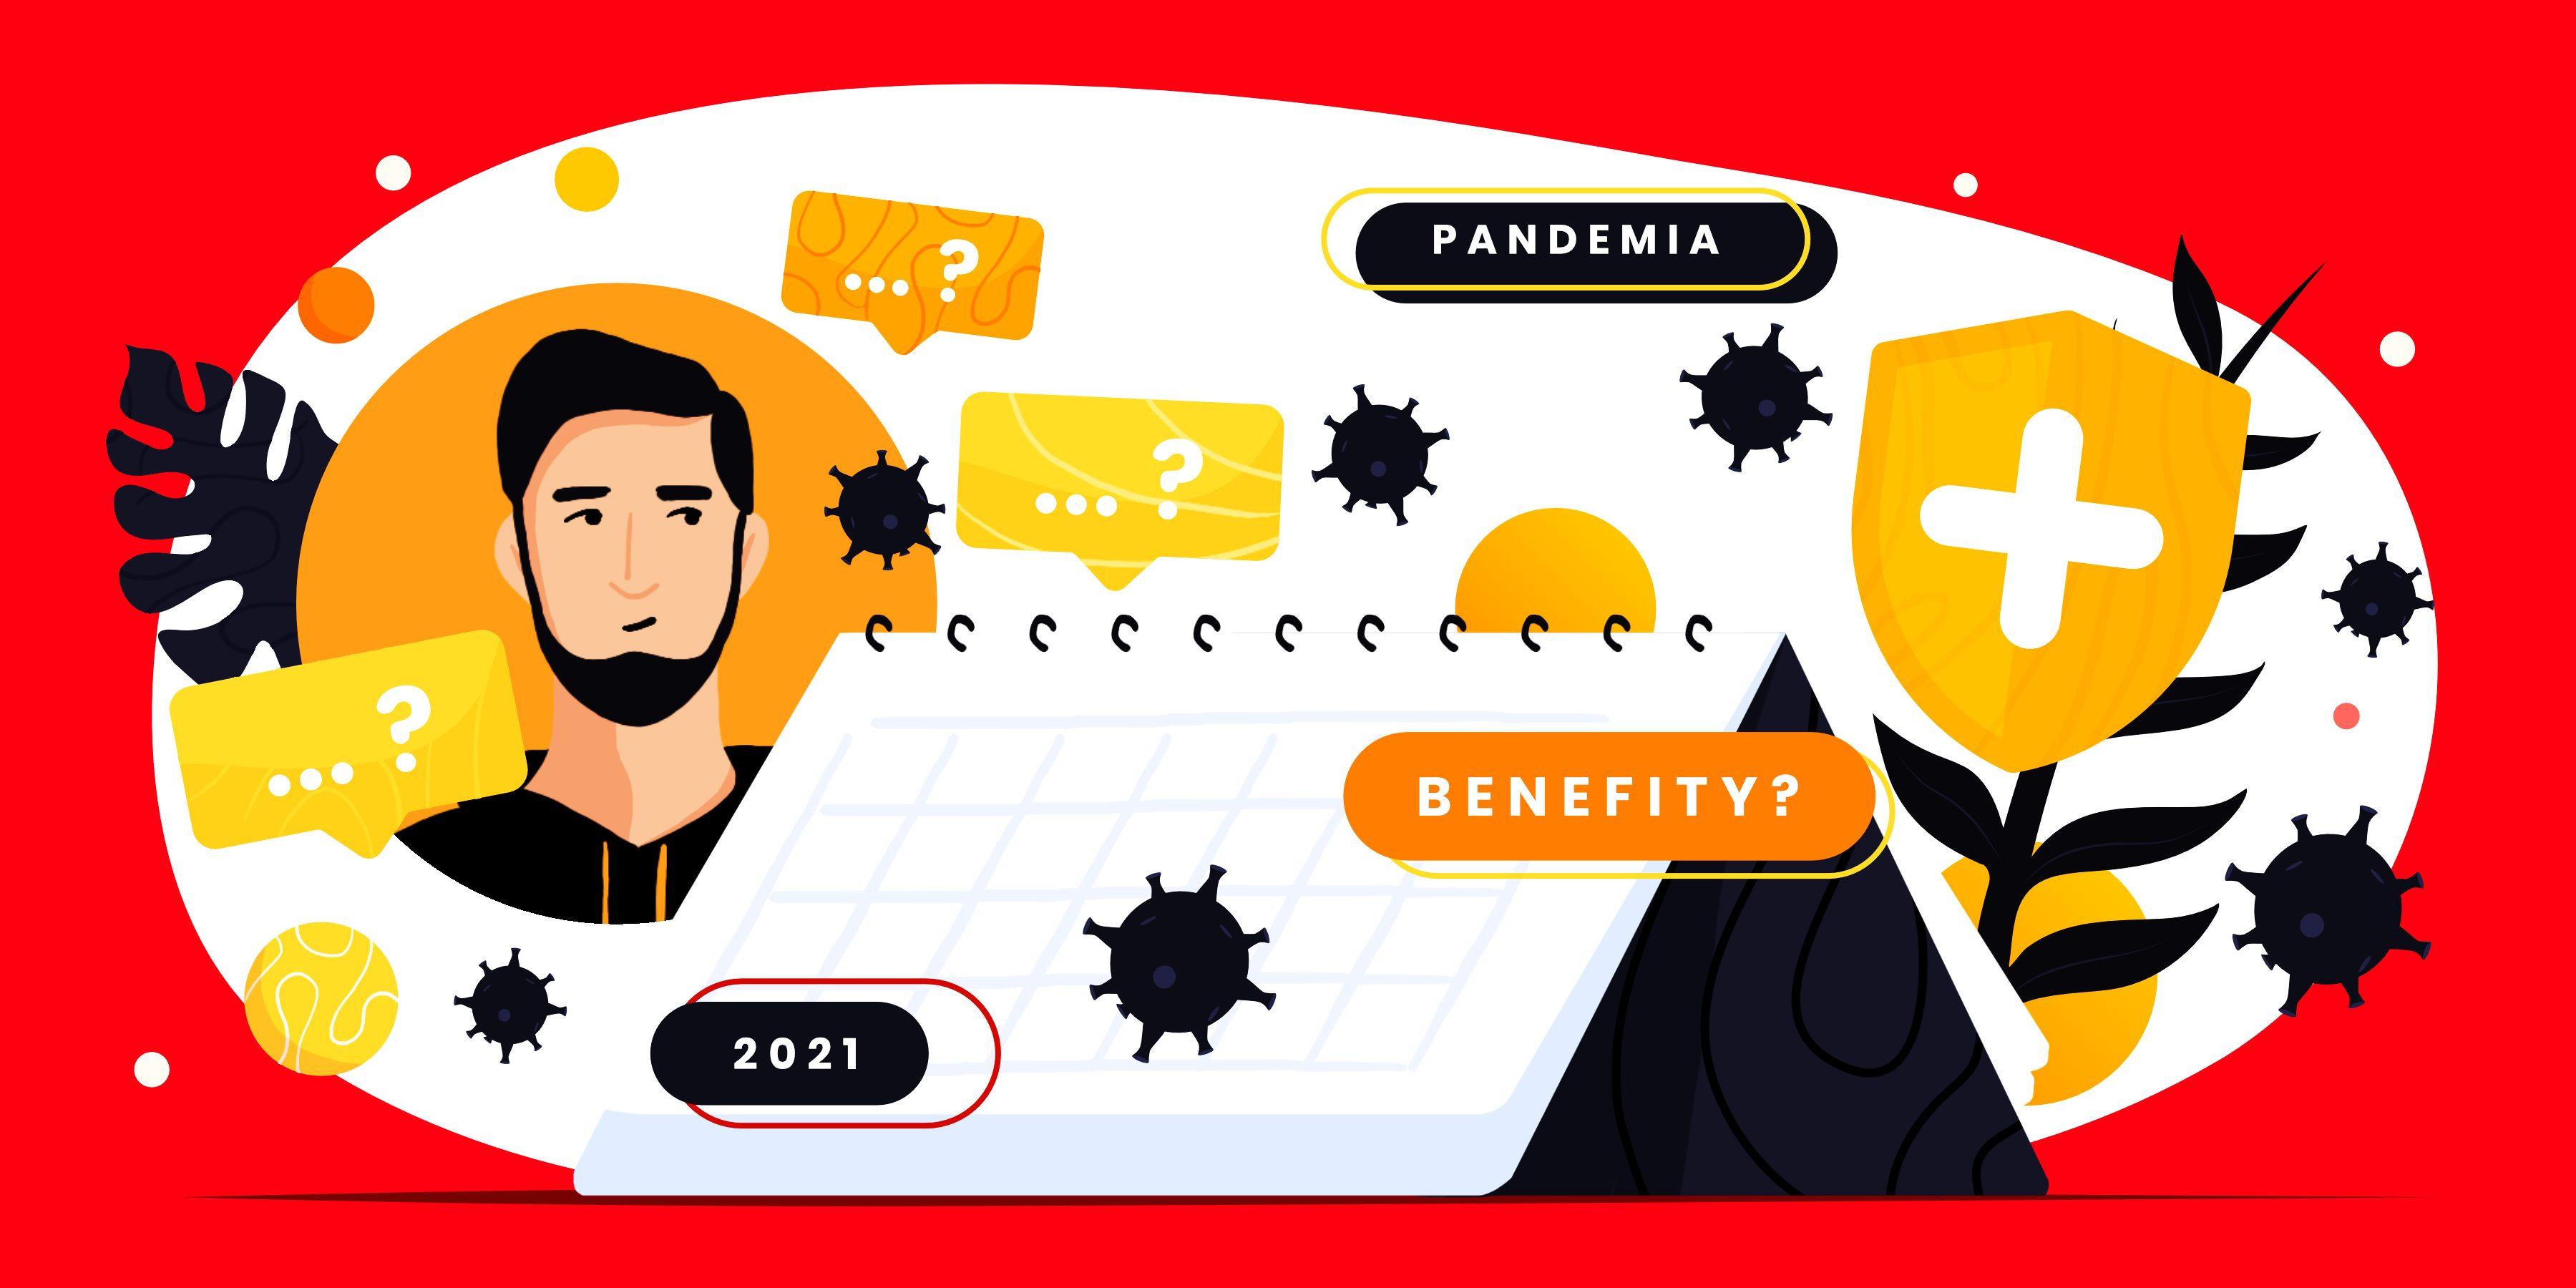 Jak zmieni się podejście do benefitów po pandemii?